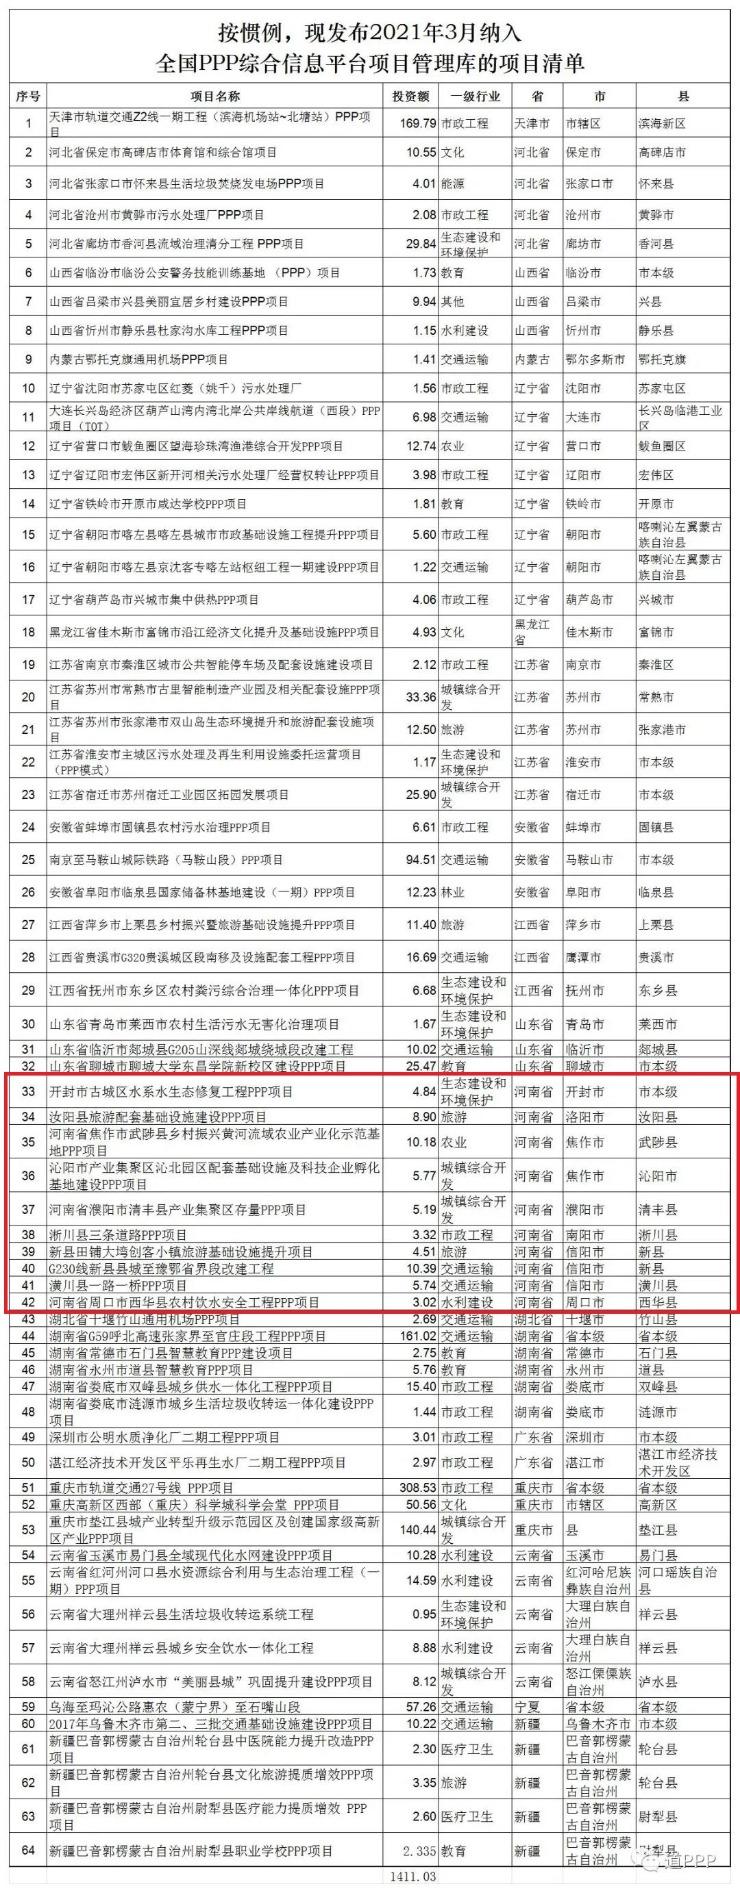 财经快讯:财政部PPP项目库更新新入库64个退库18个 涉河南这些